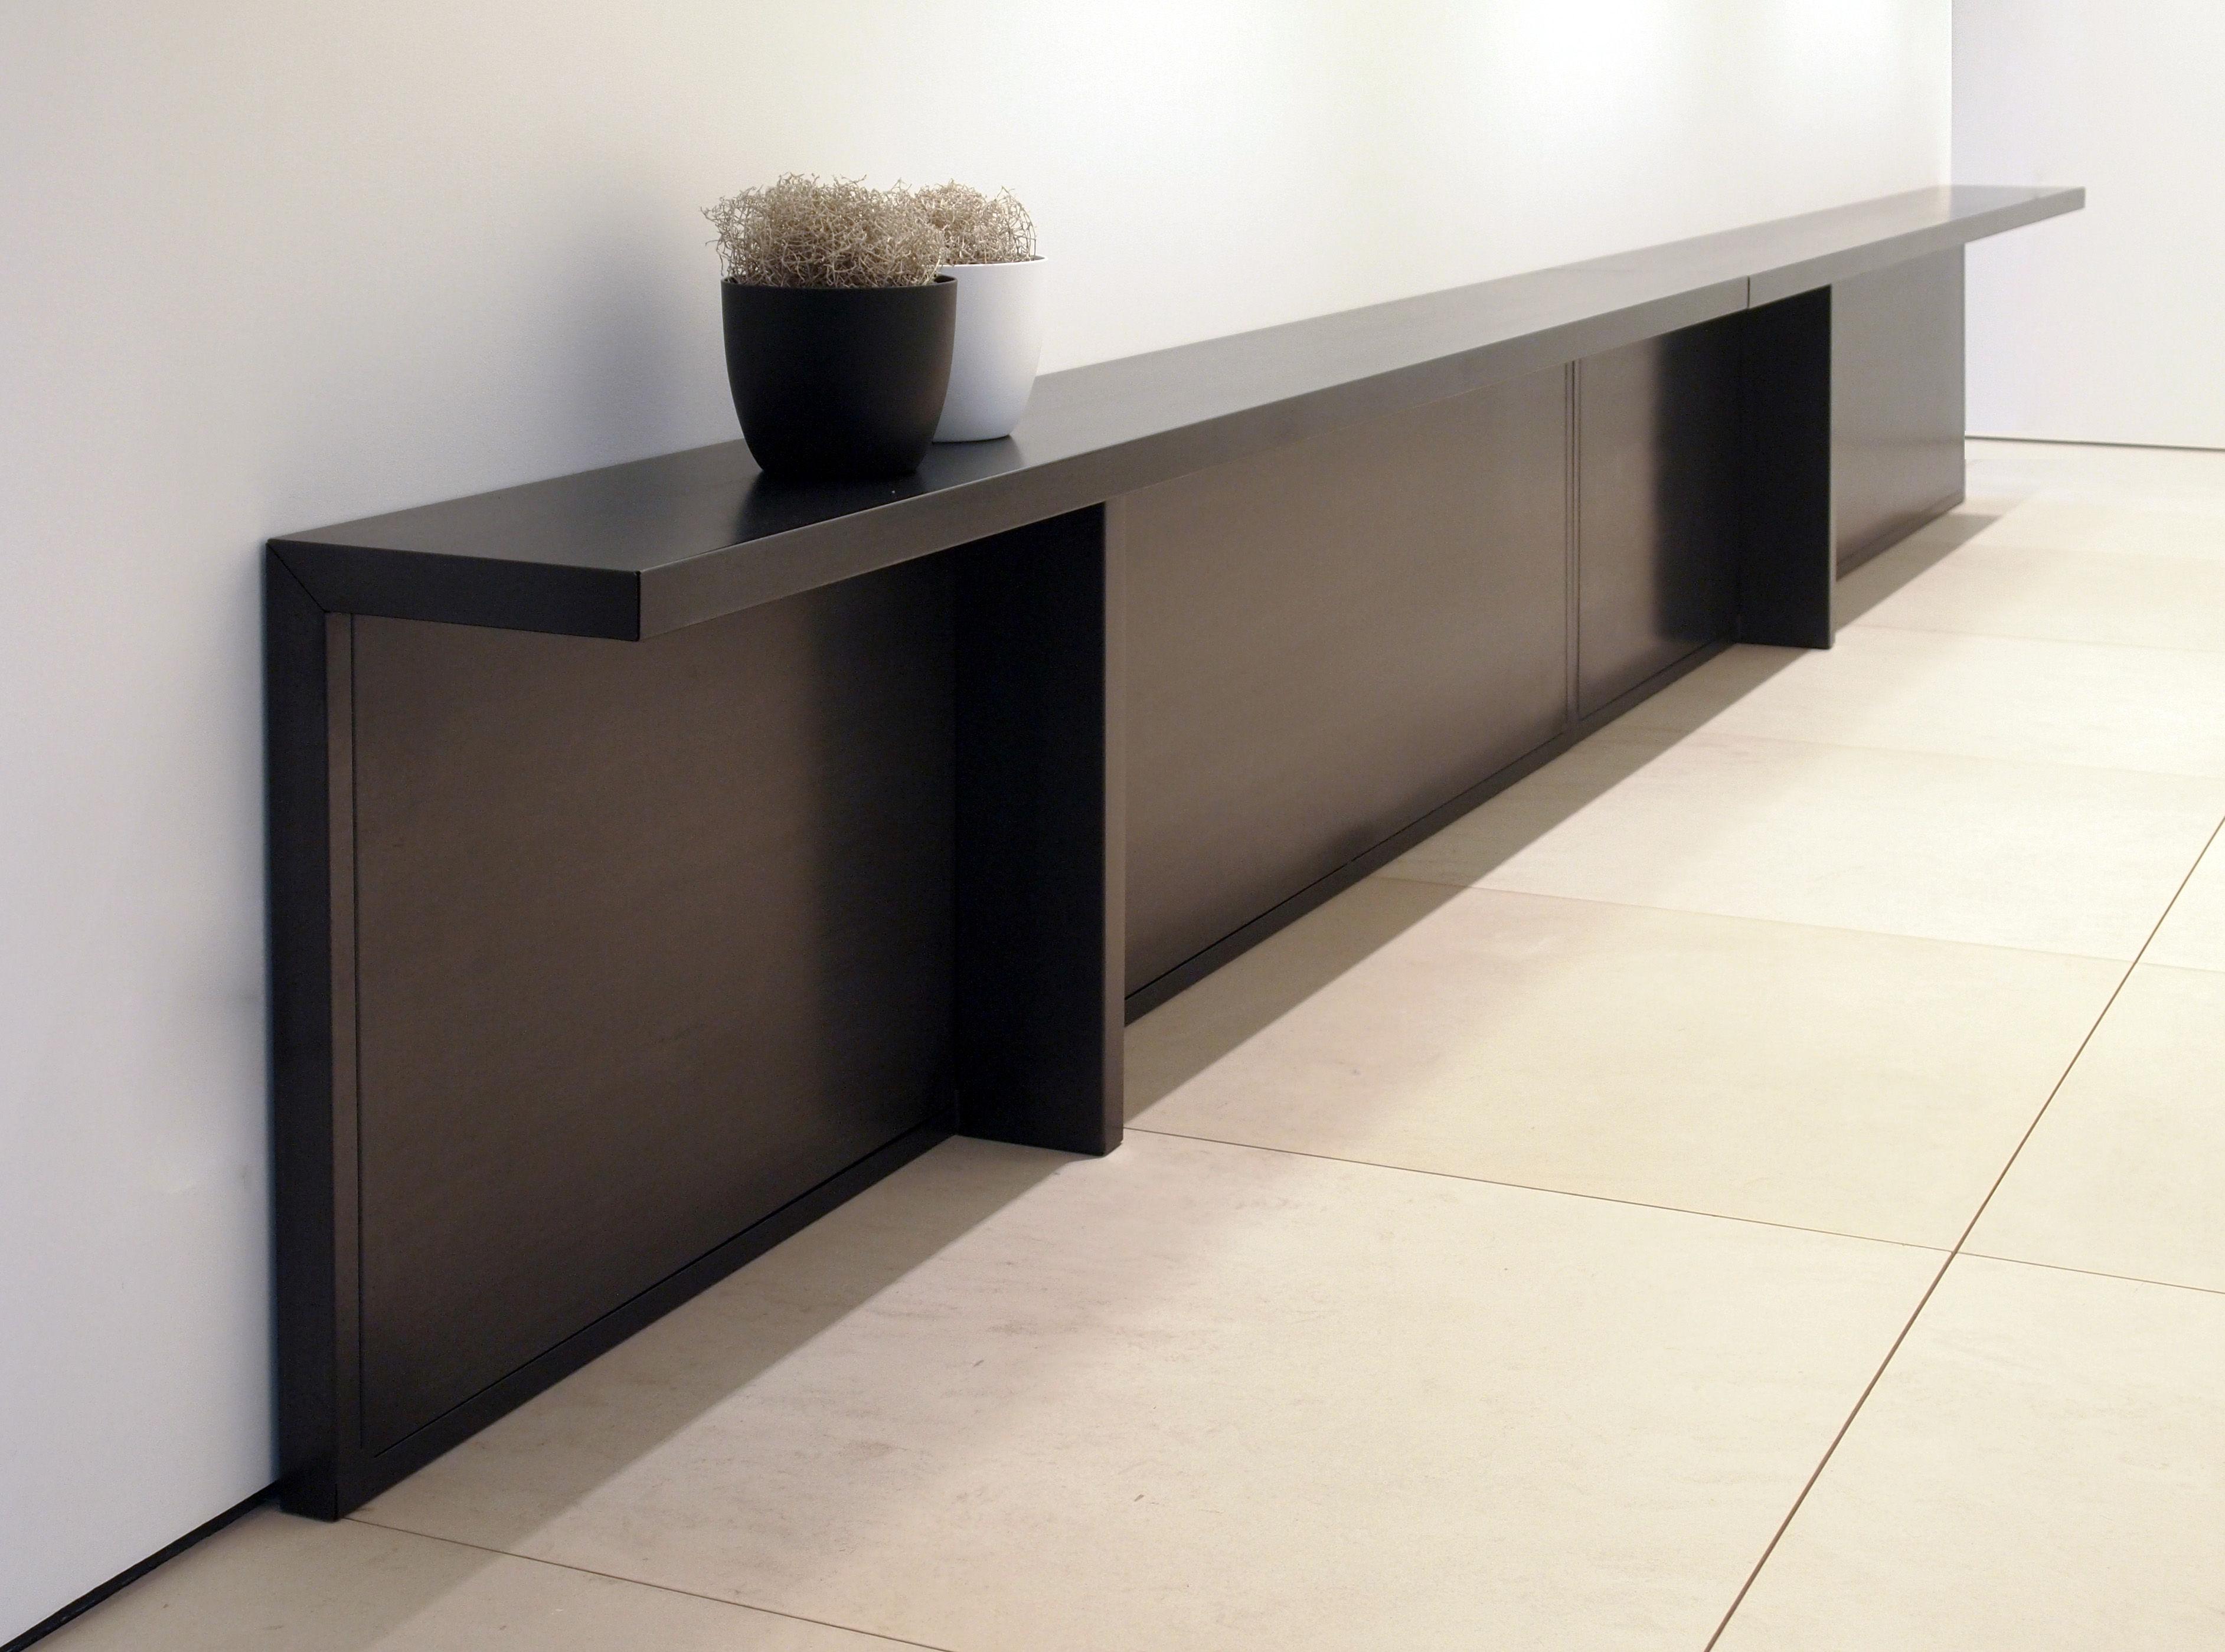 console atrium m tal l 283 x p 30 cm m tal noir zeus. Black Bedroom Furniture Sets. Home Design Ideas